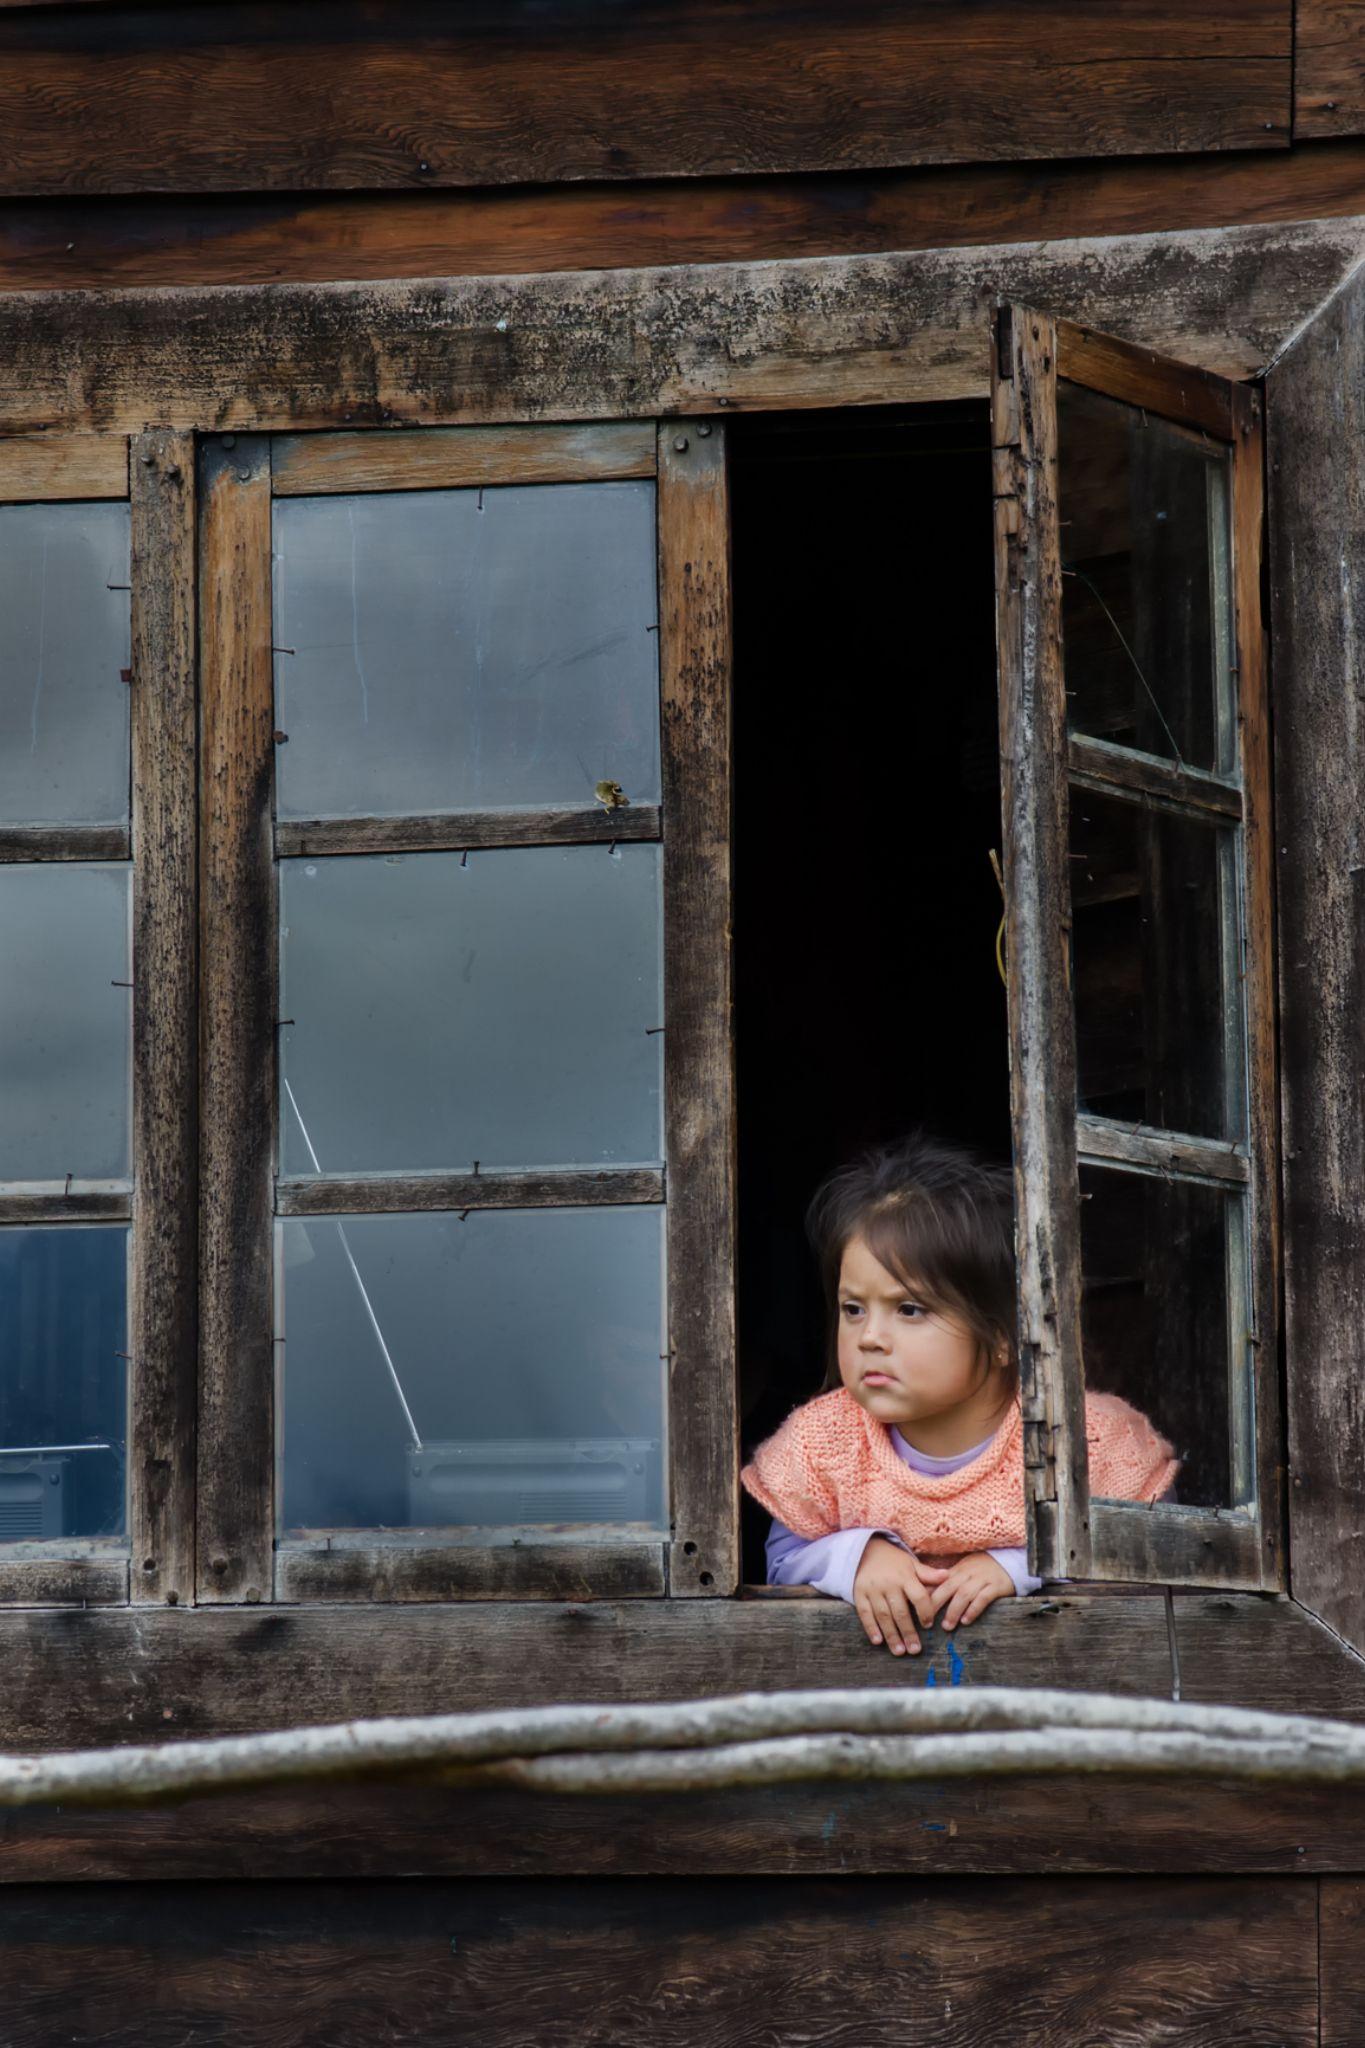 Desde su ventanta by Paolo